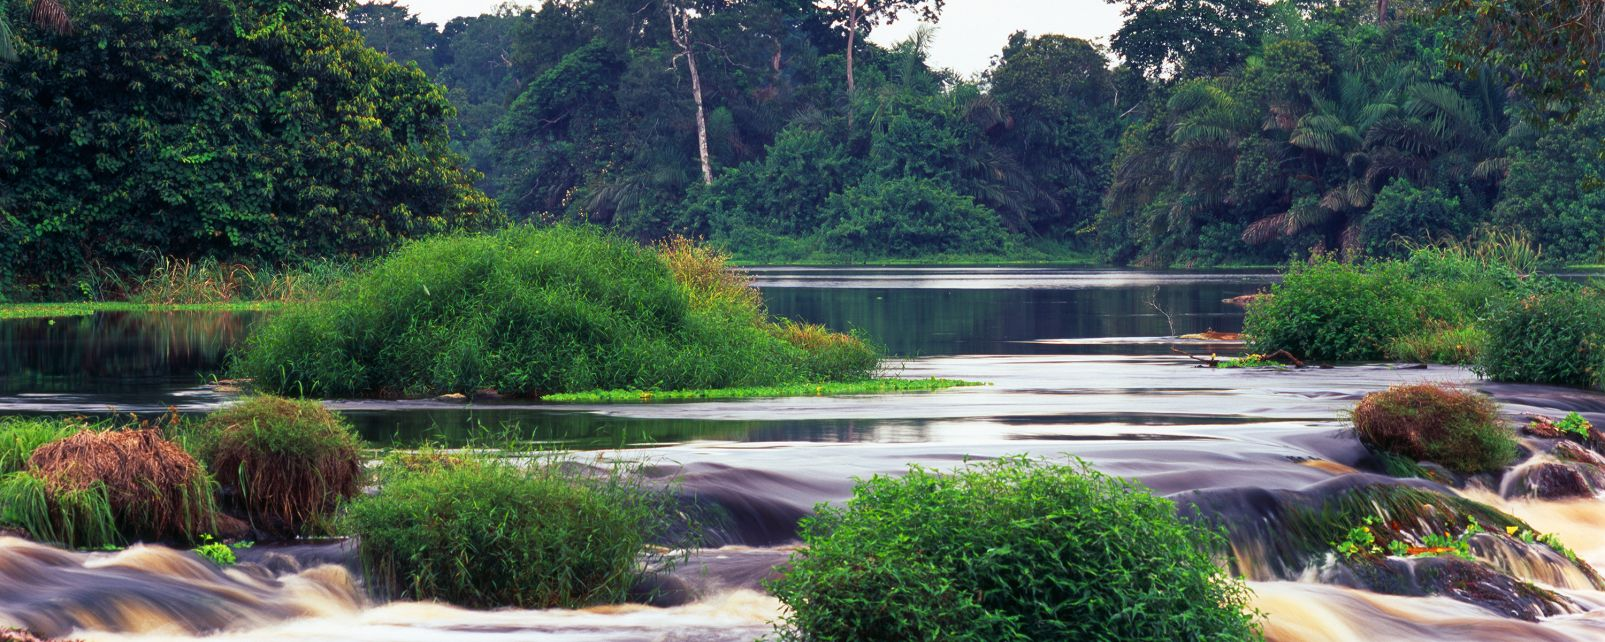 Les paysages, lac, gabon, afrique